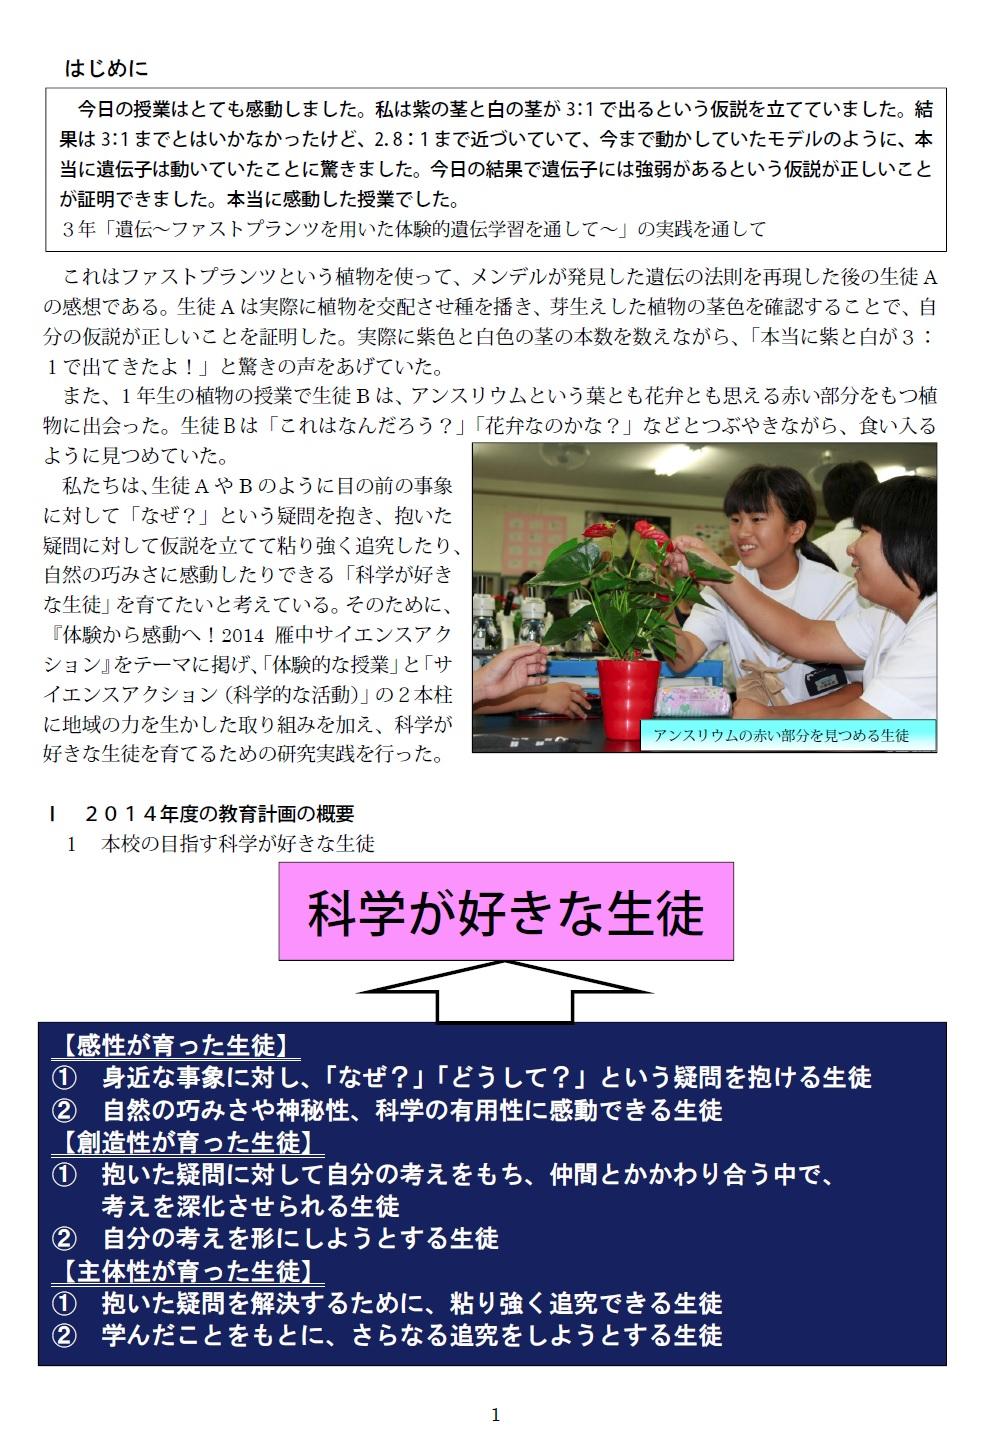 sony_ronbun2.jpg